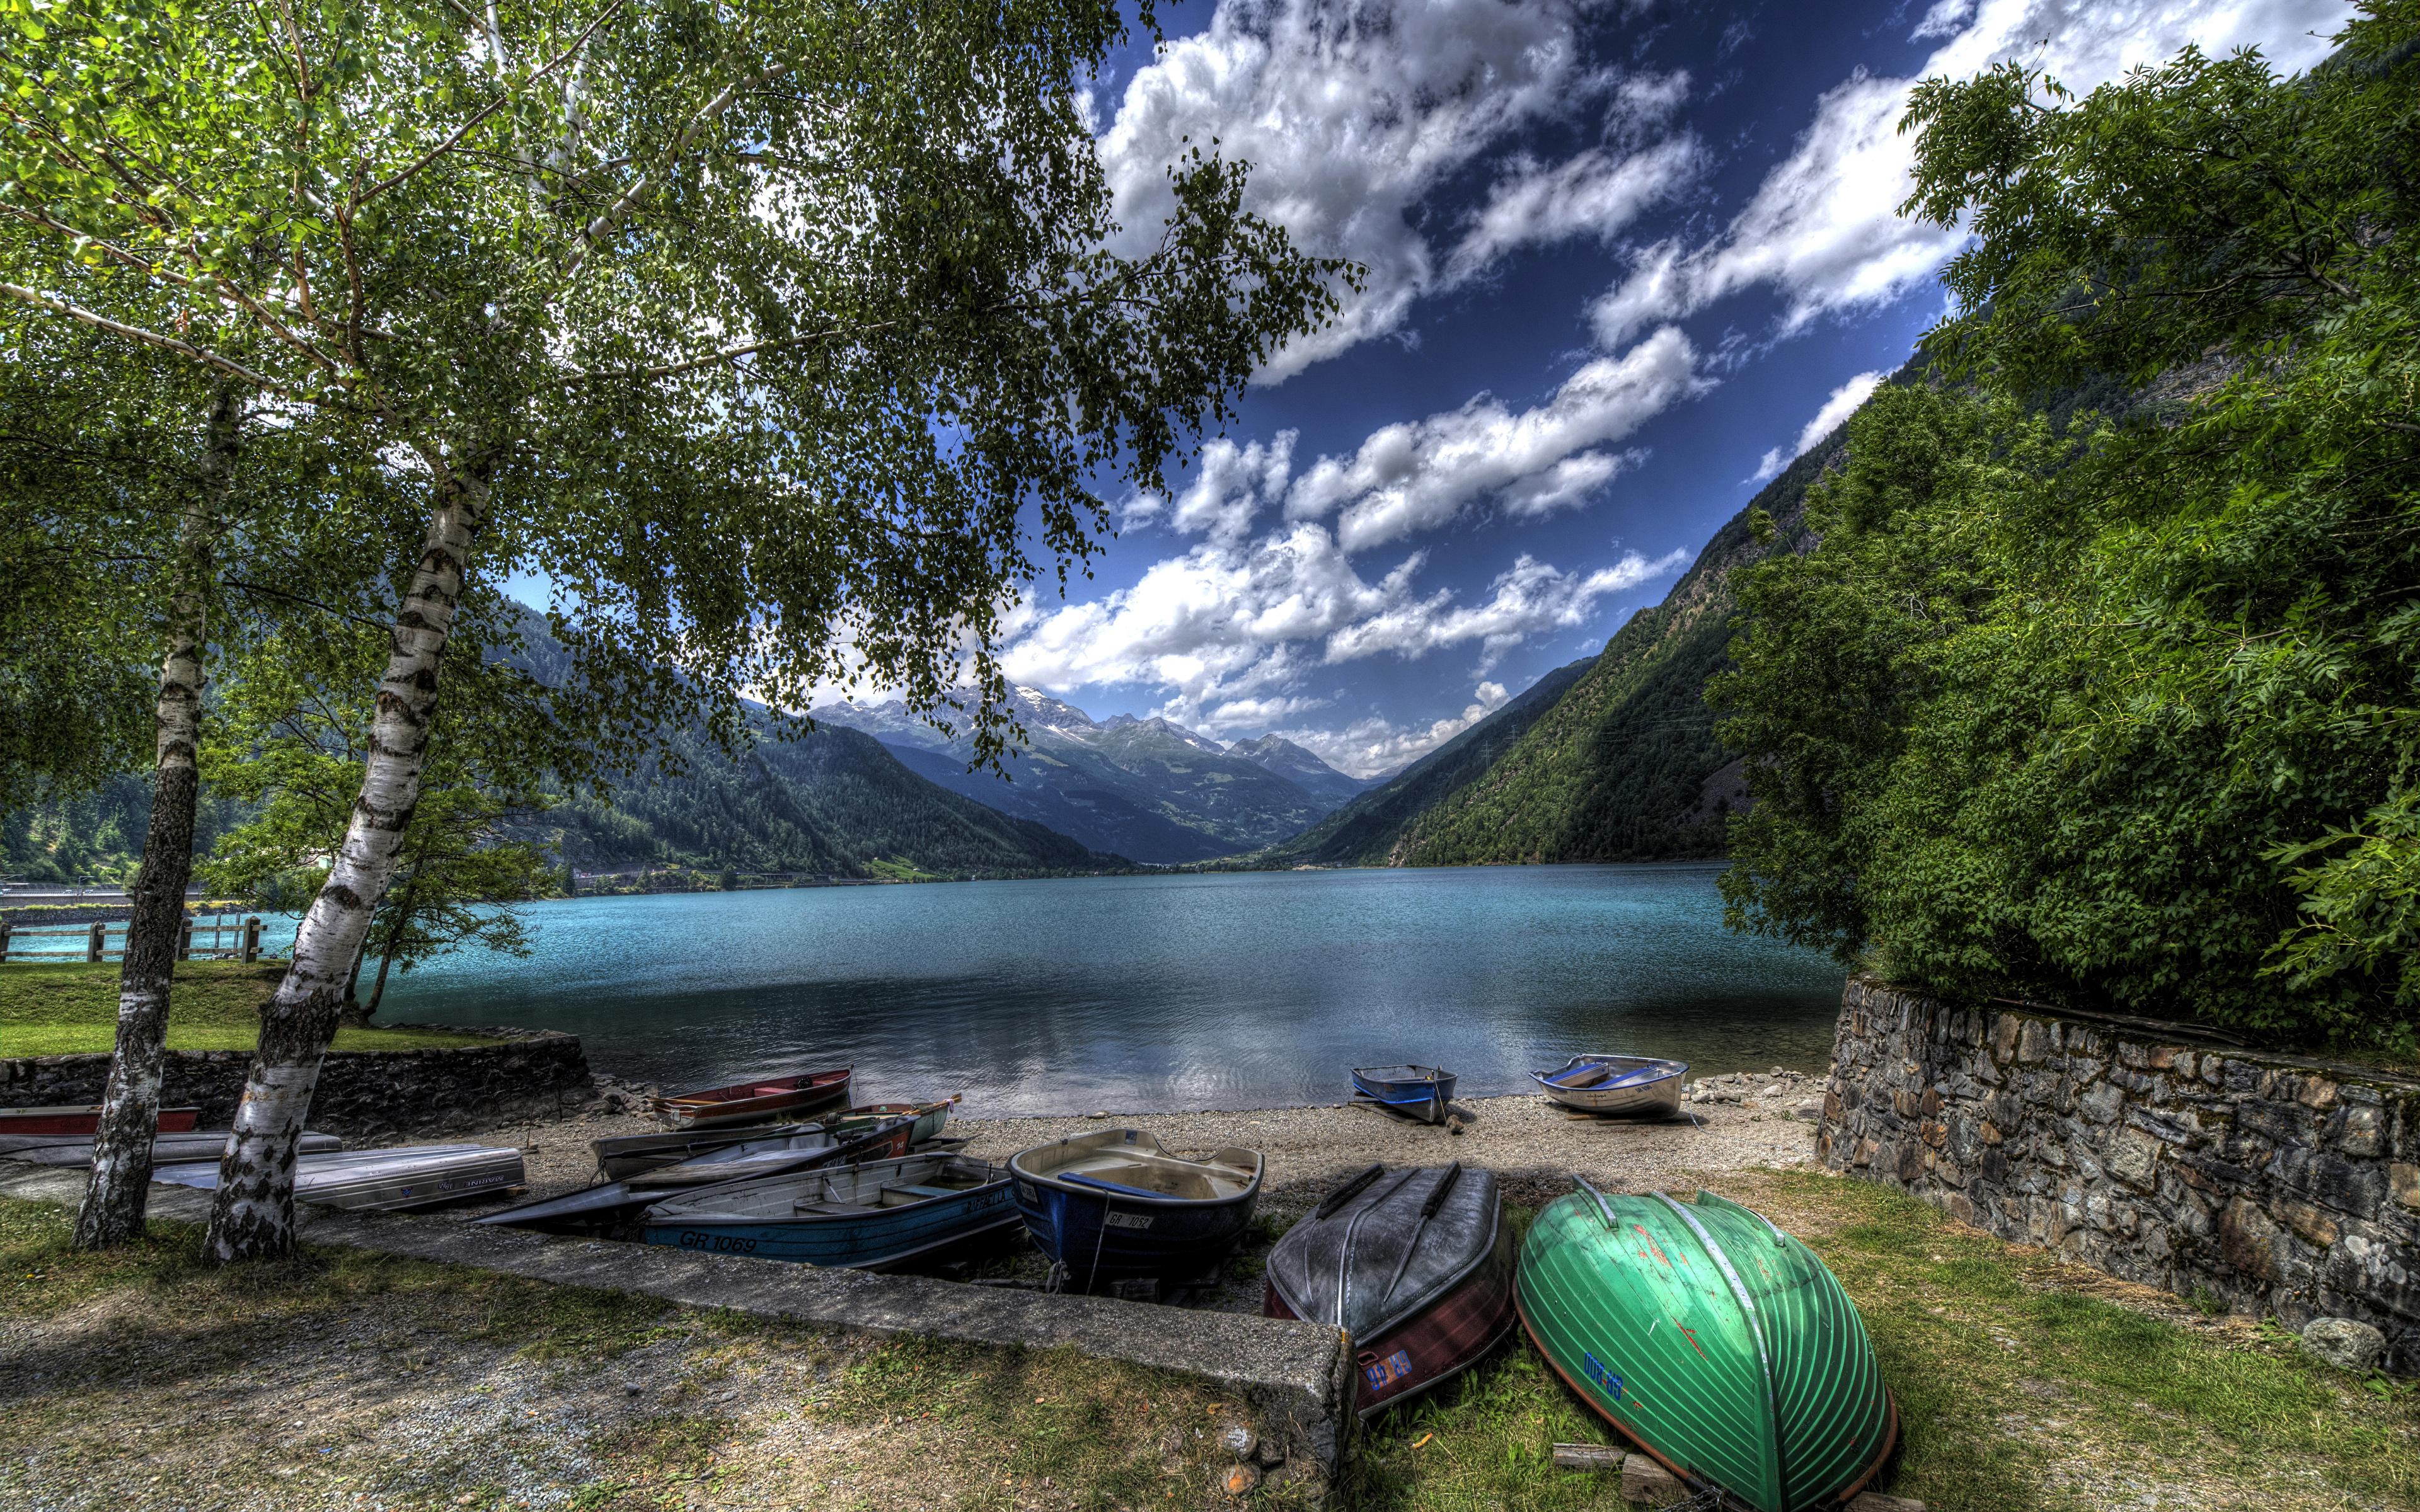 На лодке в горном озере  № 3062516 бесплатно